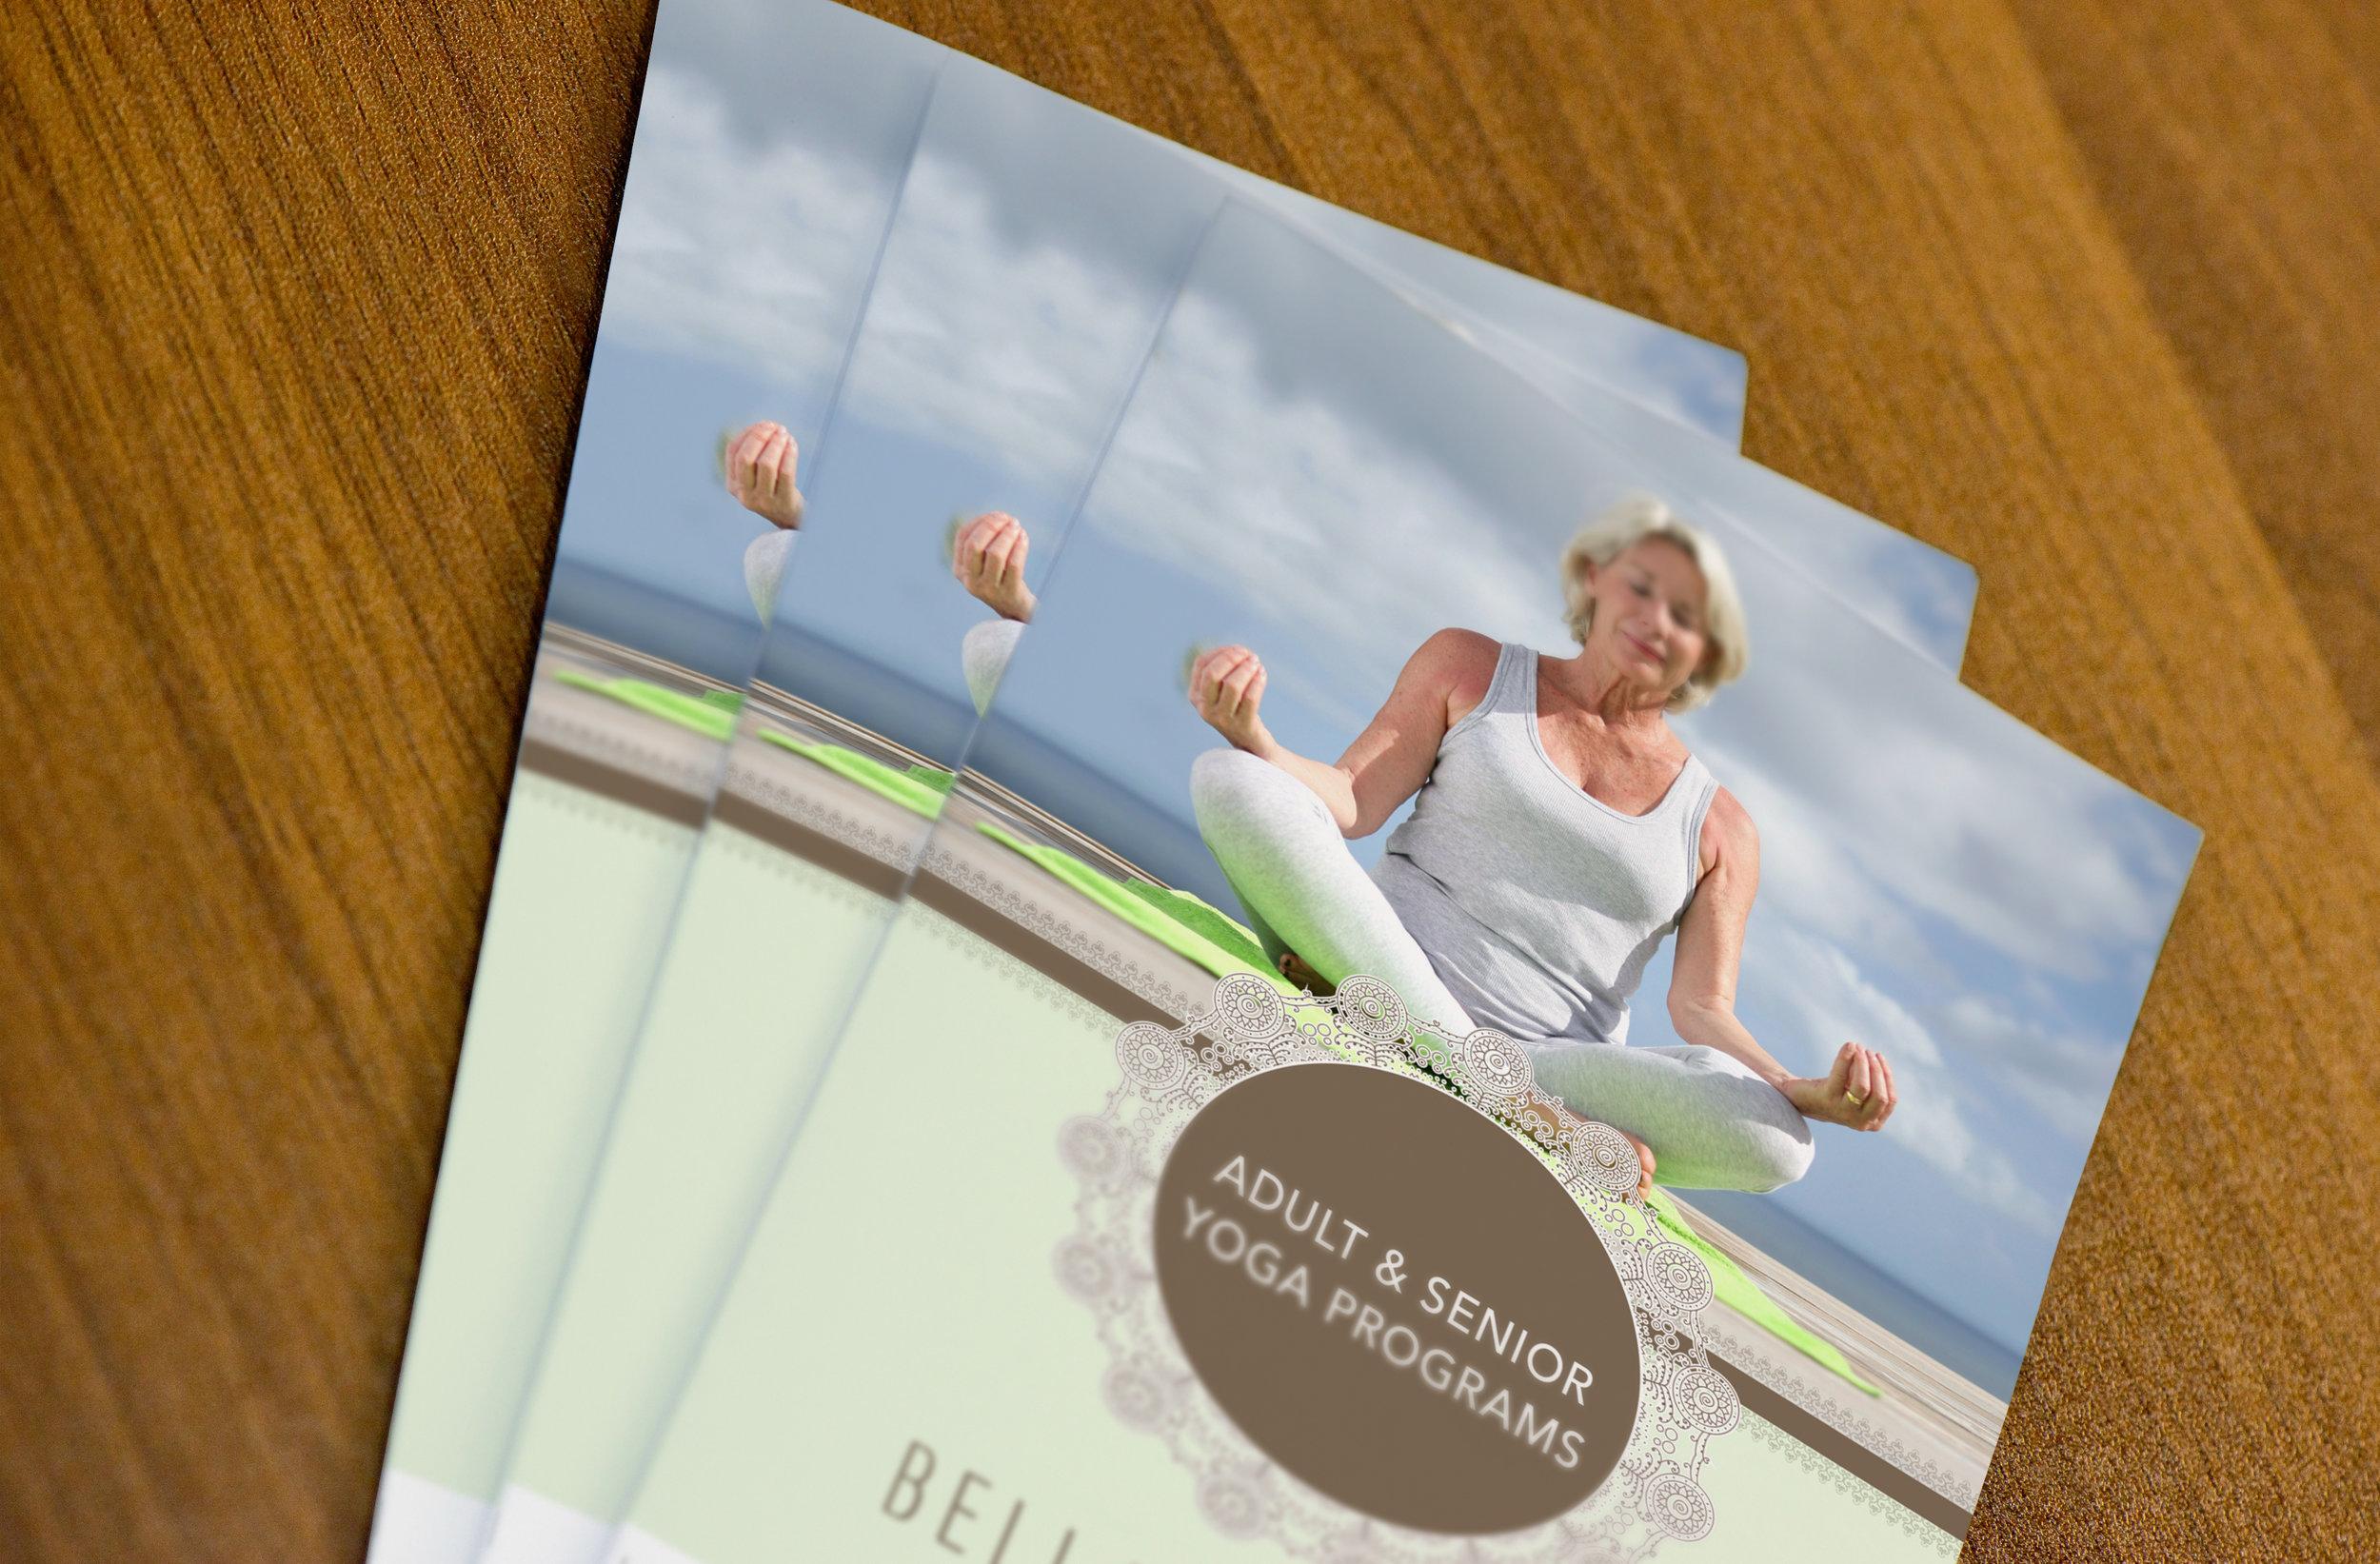 BBY Seniro Booklet.jpg